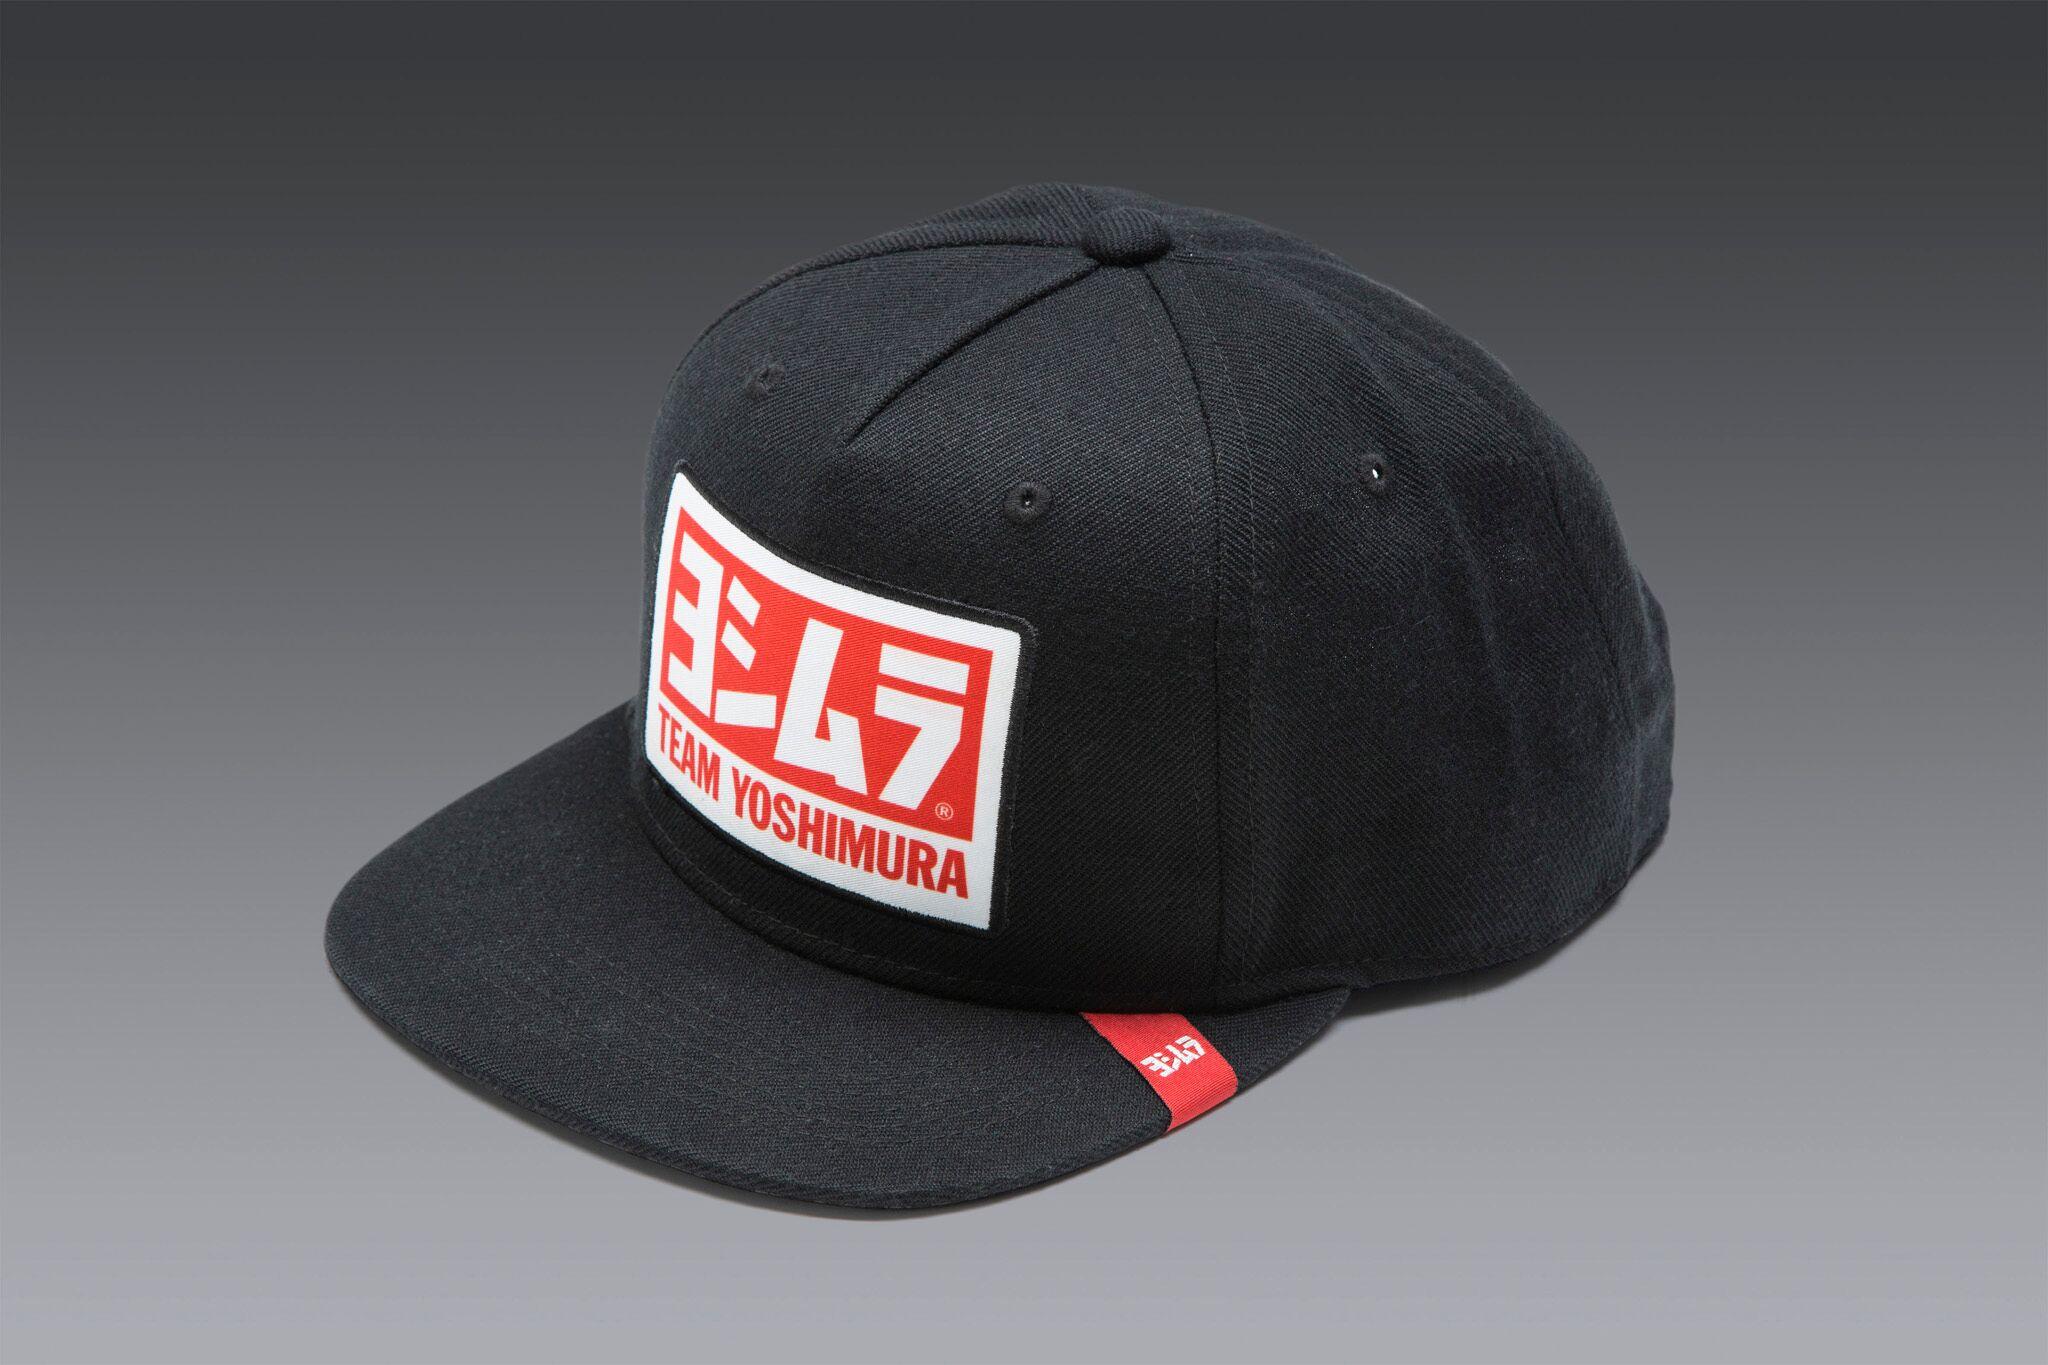 191019 Yoshimura V2 Wool Snapback Hat [3]